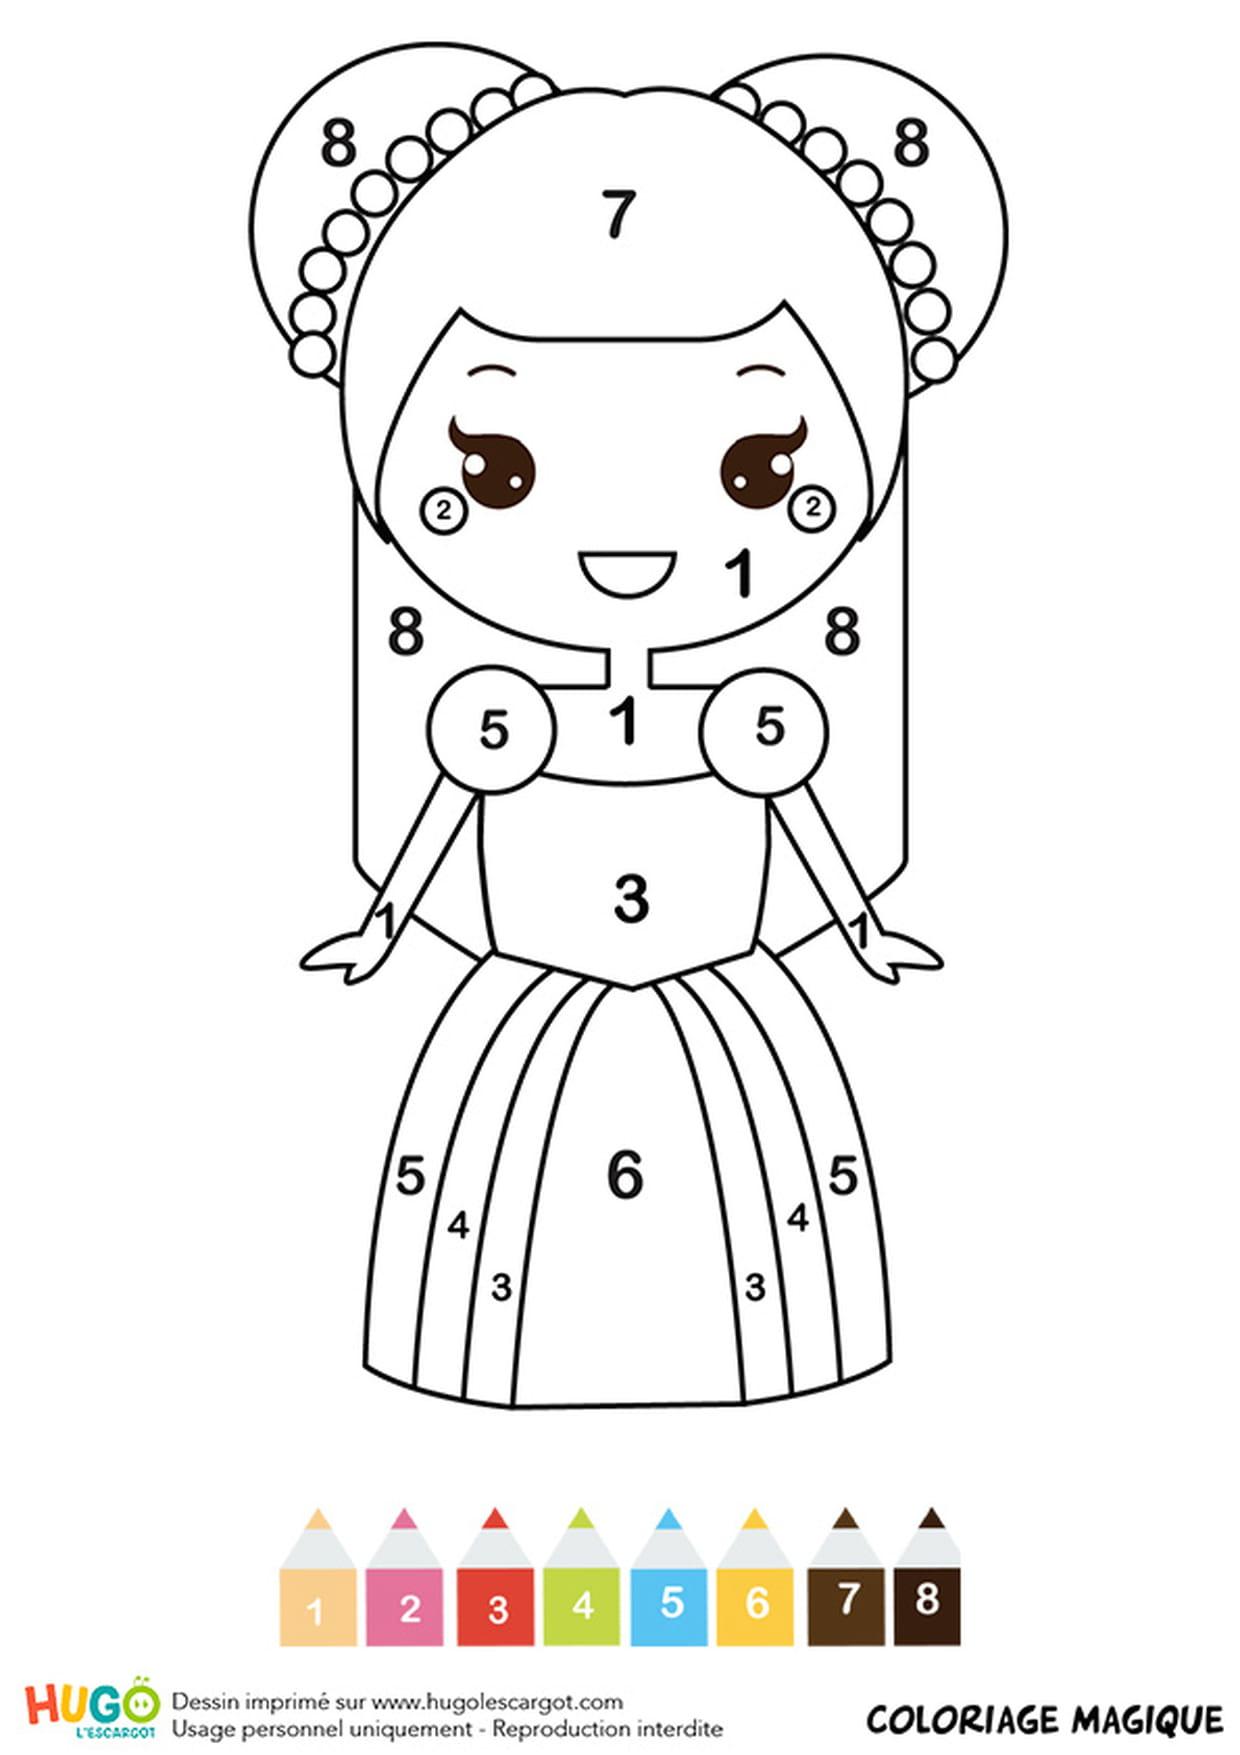 Coloriage Magique Cp : Une Belle Princesse intérieur Coloriage Magique Maternelle A Imprimer Gratuit